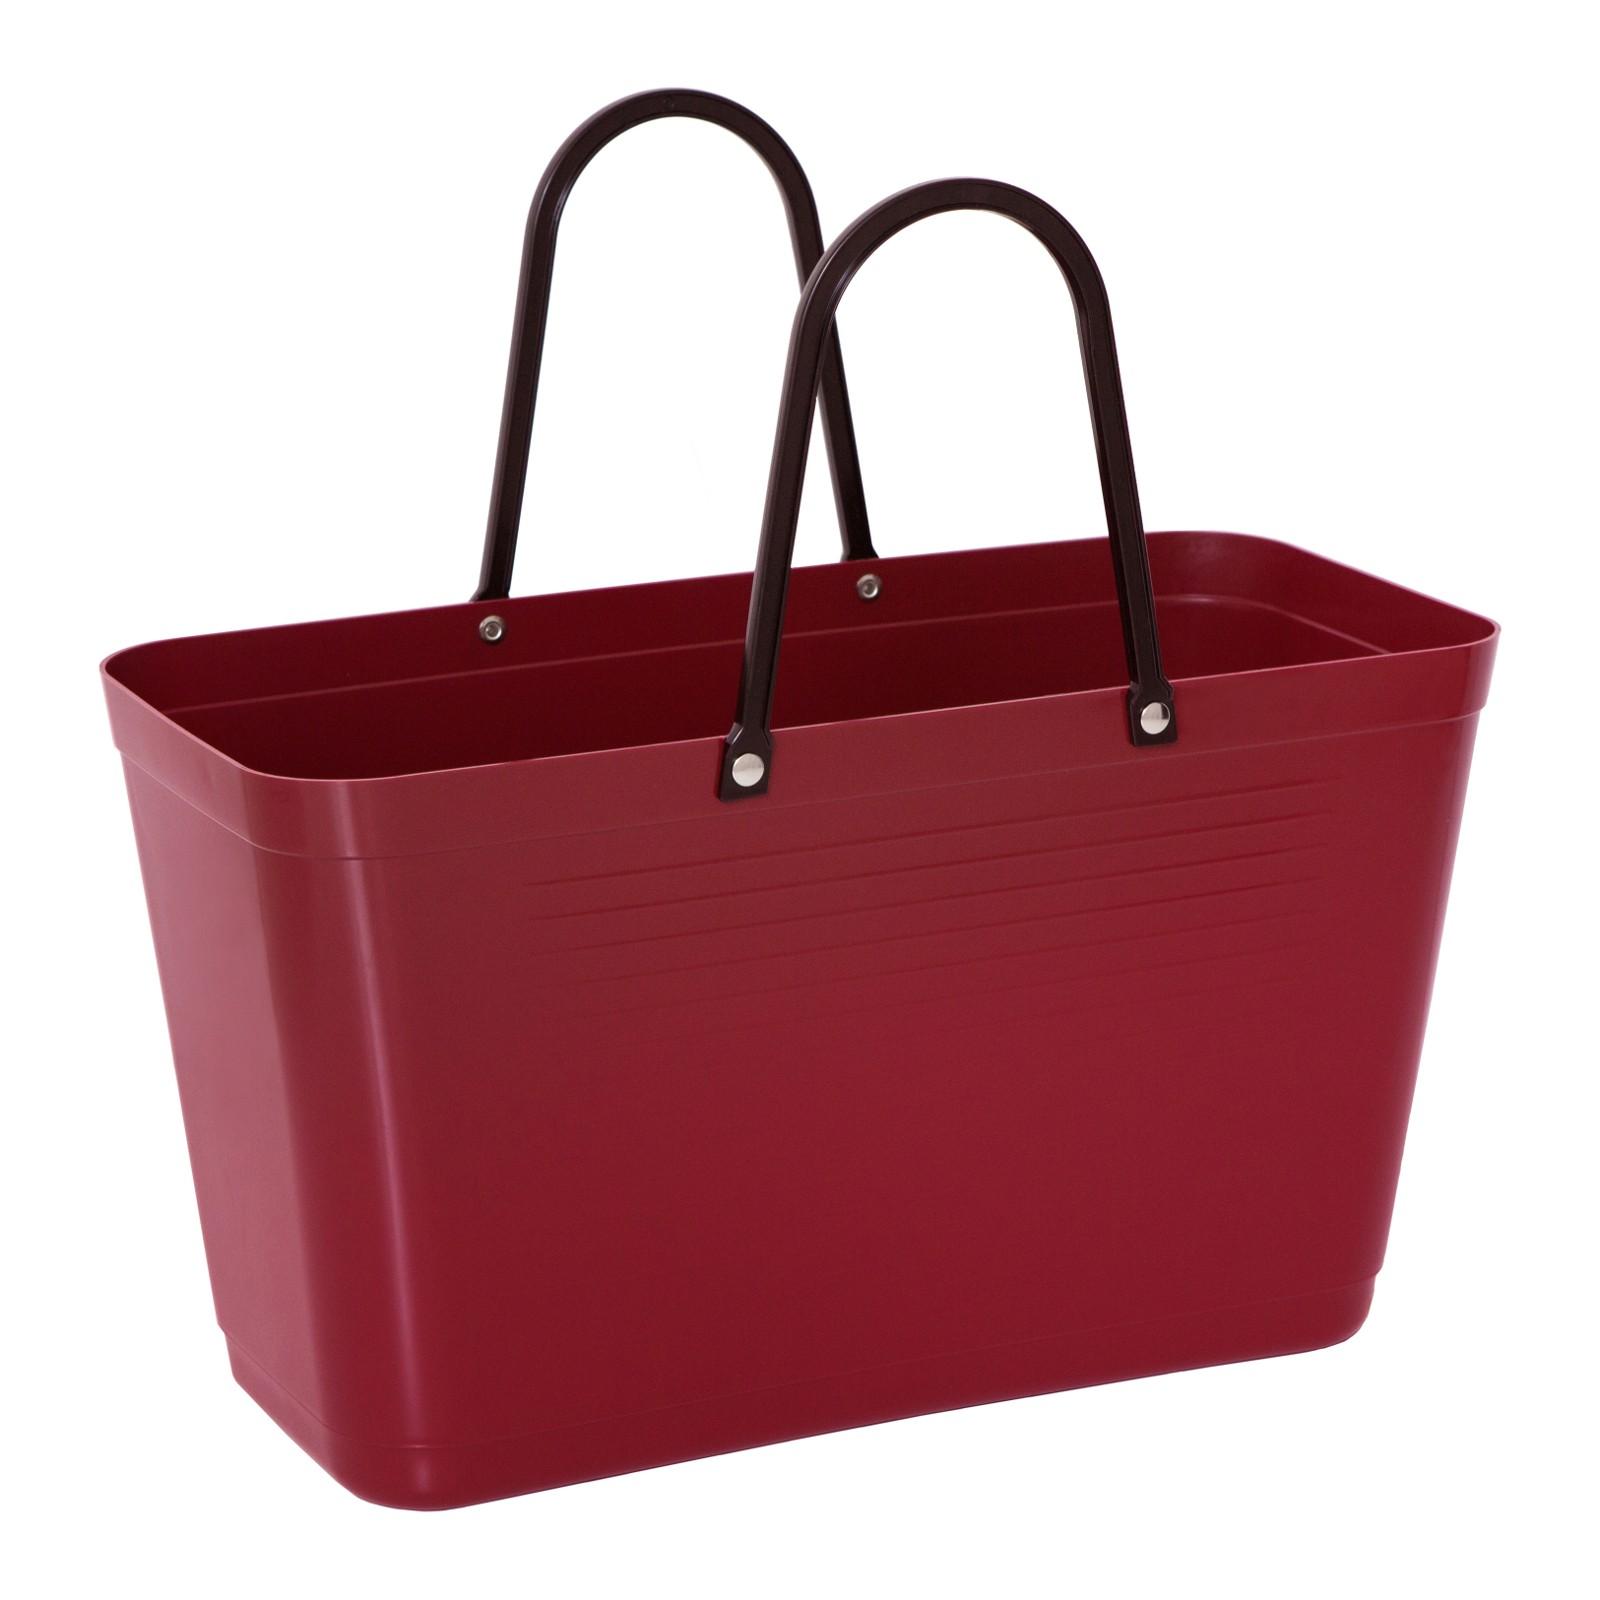 hinza 057-hinza-bag-large-maroon-green-plastic